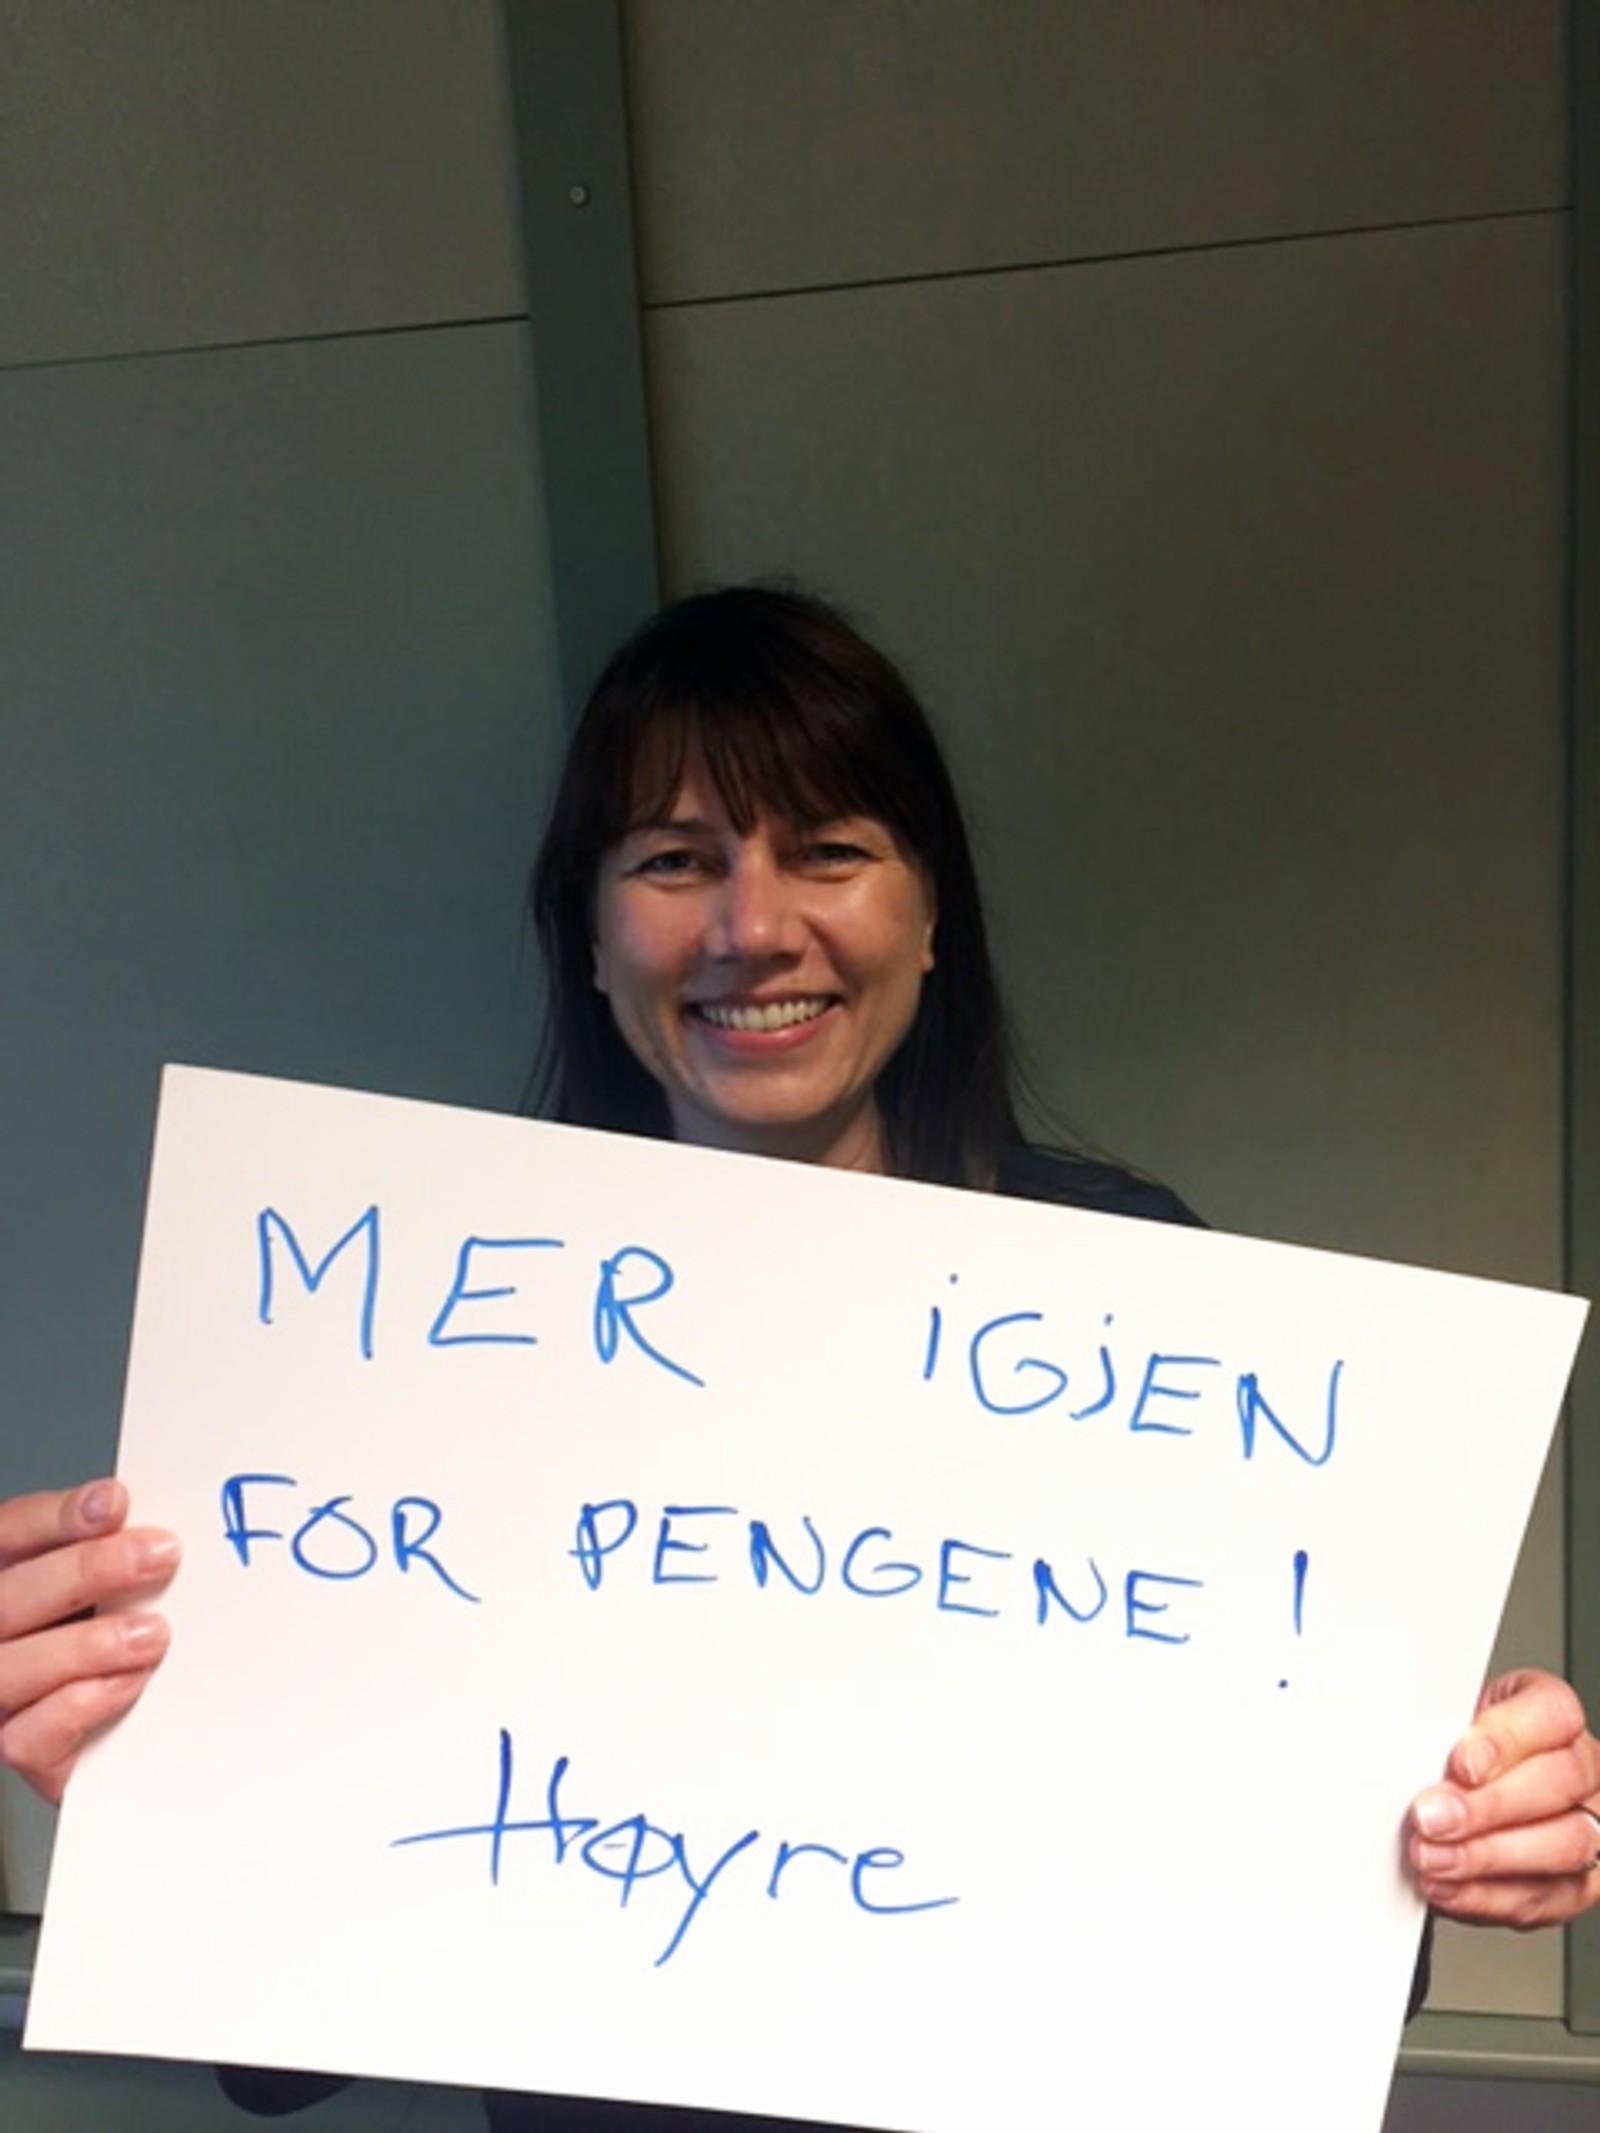 HEIDI NORDBY LUNDE (H): «Mer igjen for pengene! Høyre».